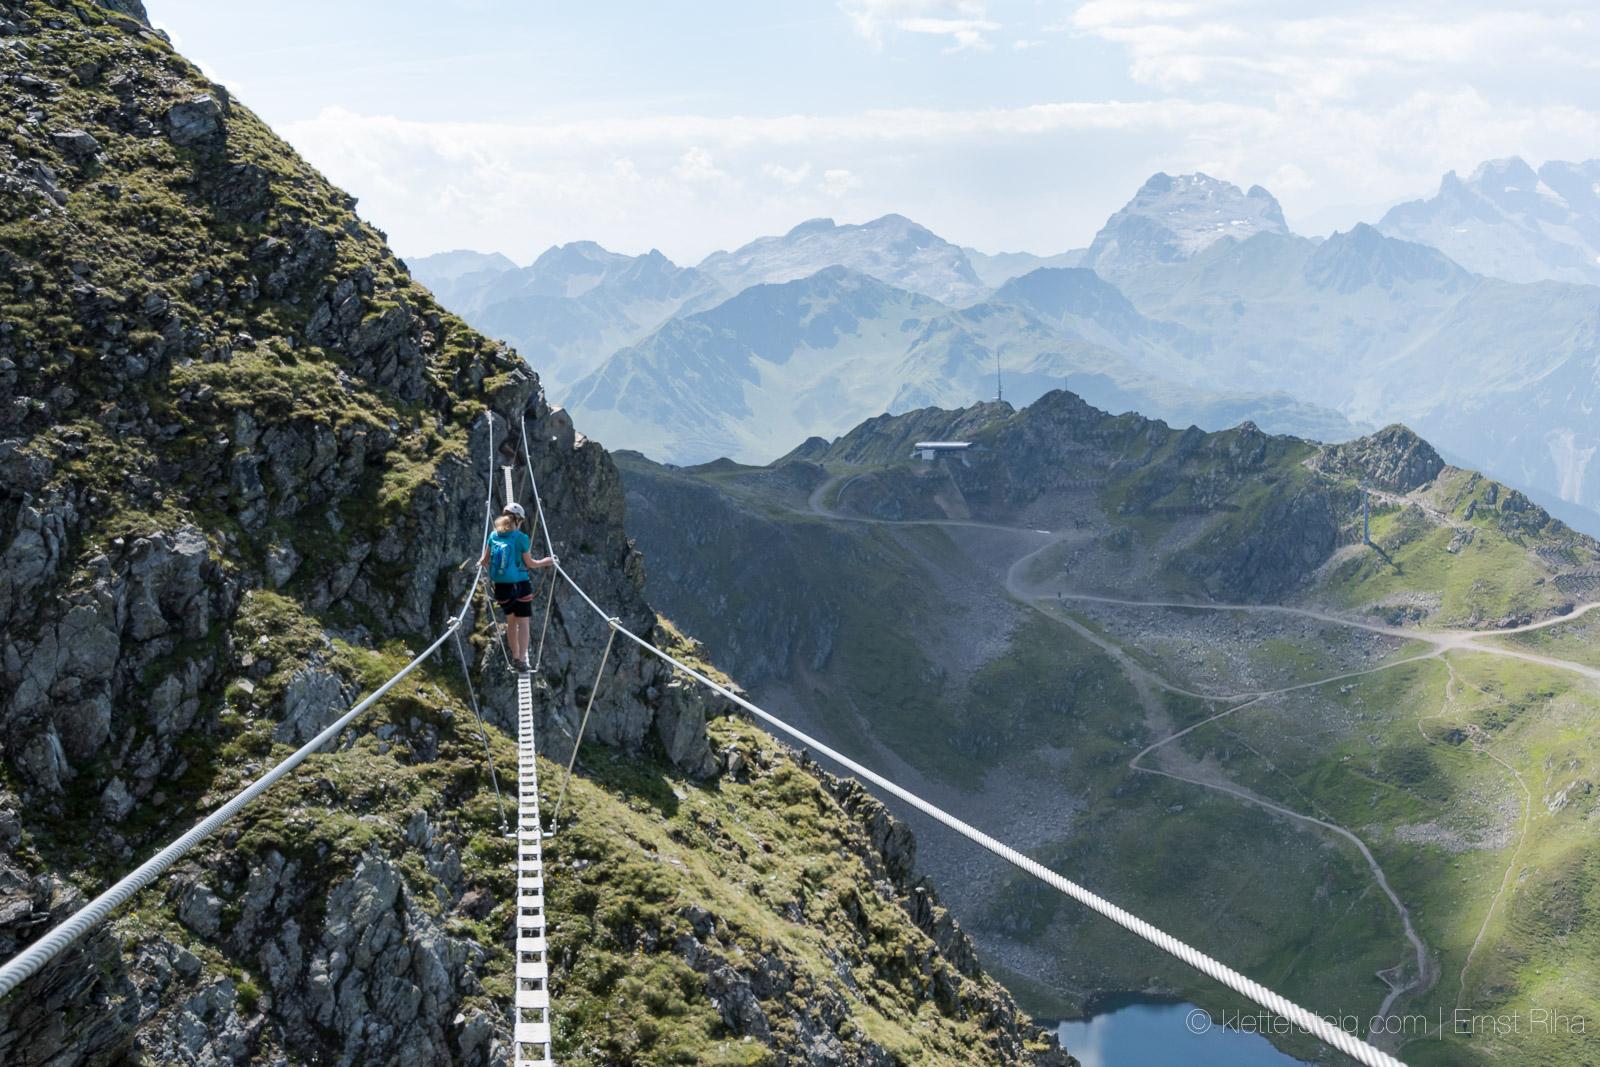 Klettersteig Montafon : Neu hochjoch klettersteig u schruns klettersteige